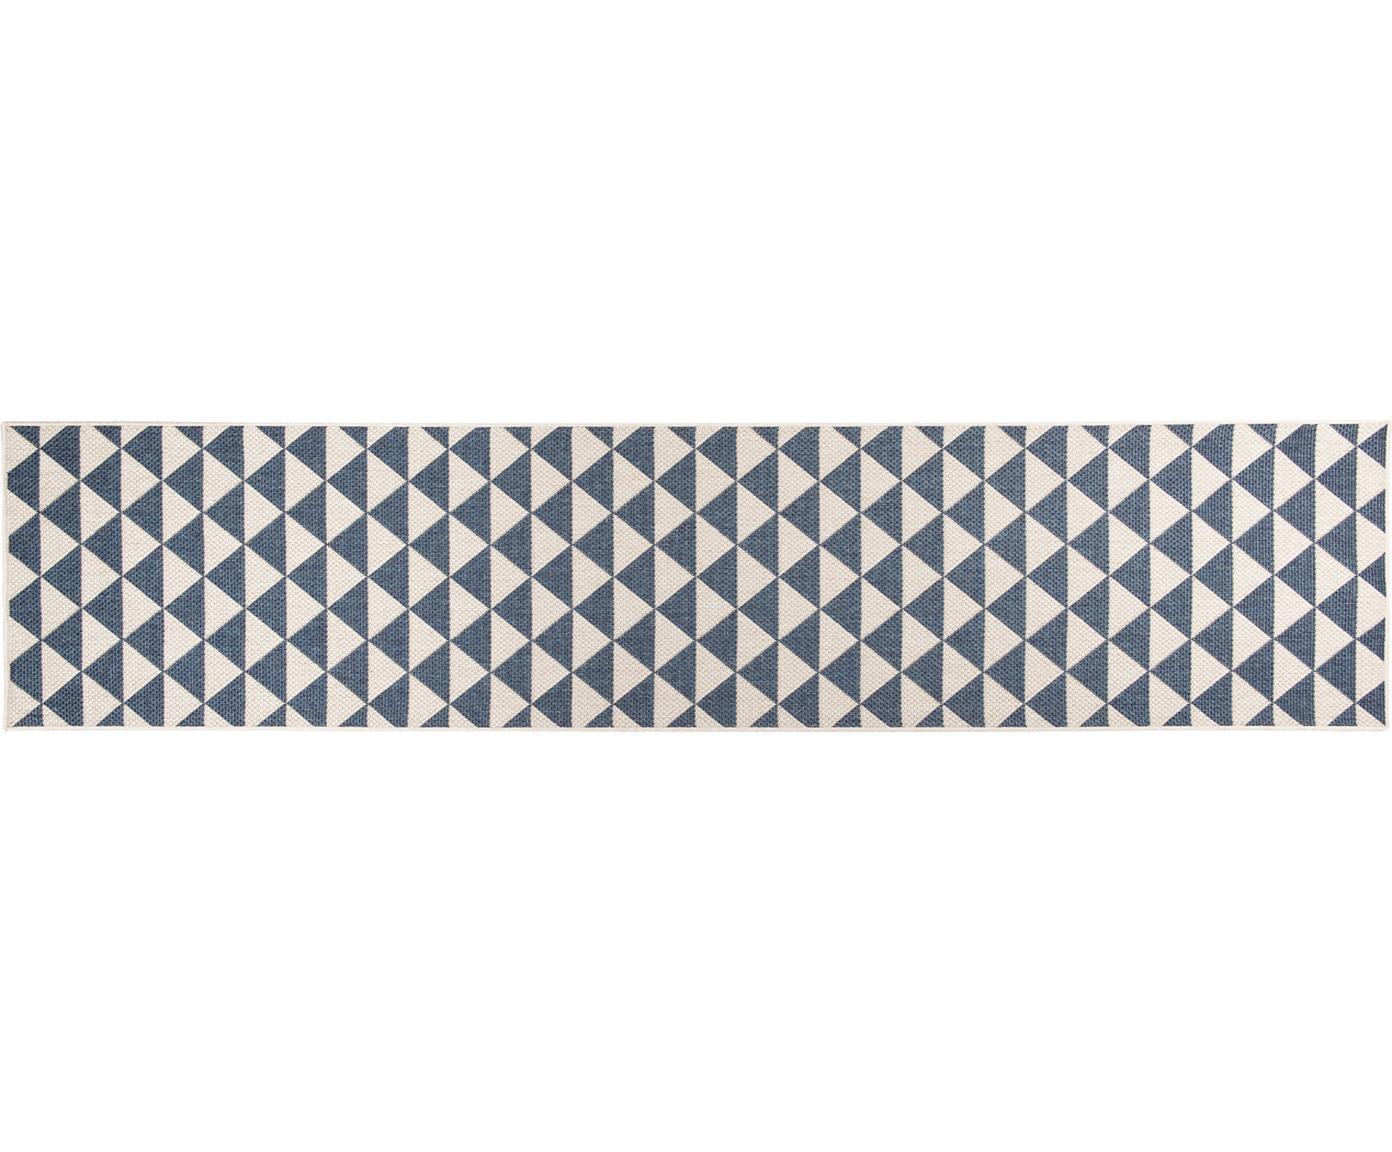 In- & outdoor loper met patroon Tahiti in blauw/crèmekleur, 100% polypropyleen, Blauw, crèmekleurig, 80 x 350 cm